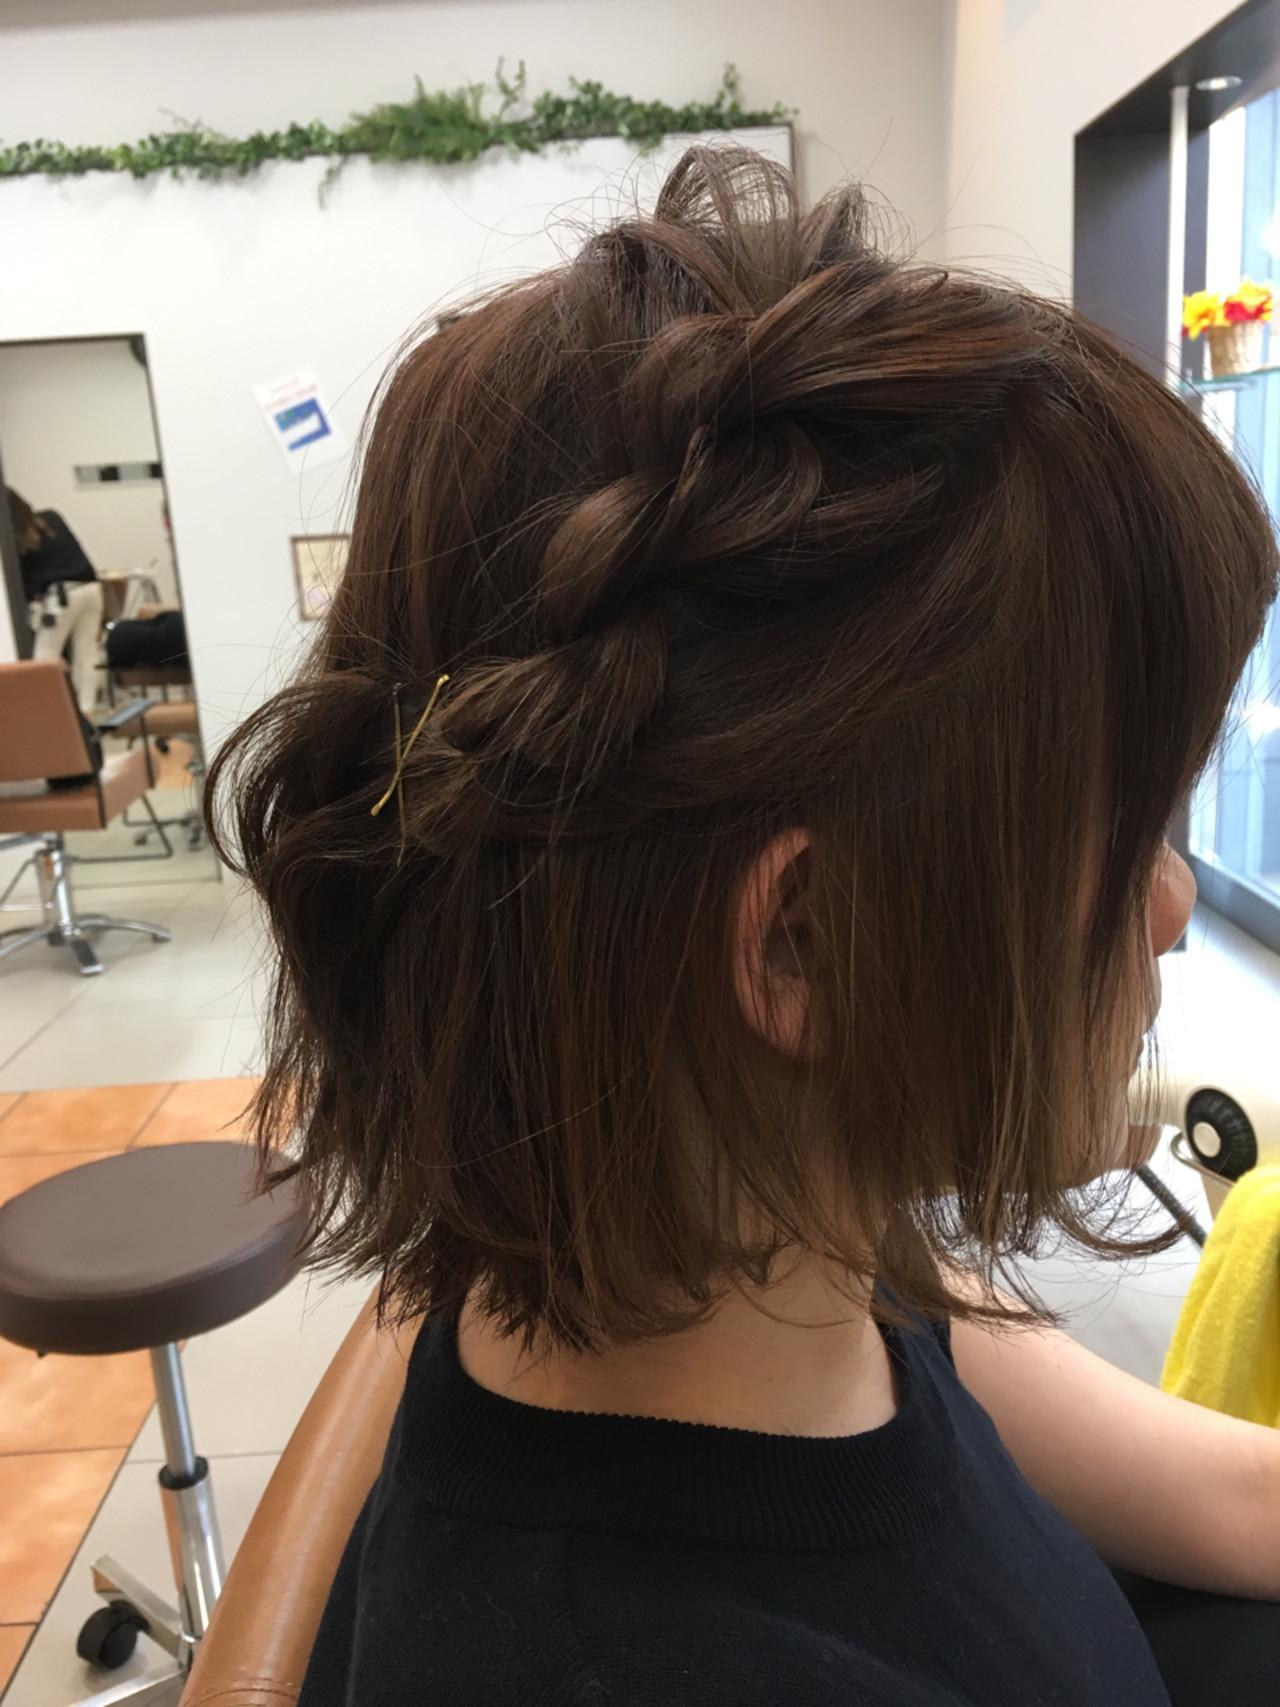 ボブ 編み込み 簡単ヘアアレンジ ねじり ヘアスタイルや髪型の写真・画像